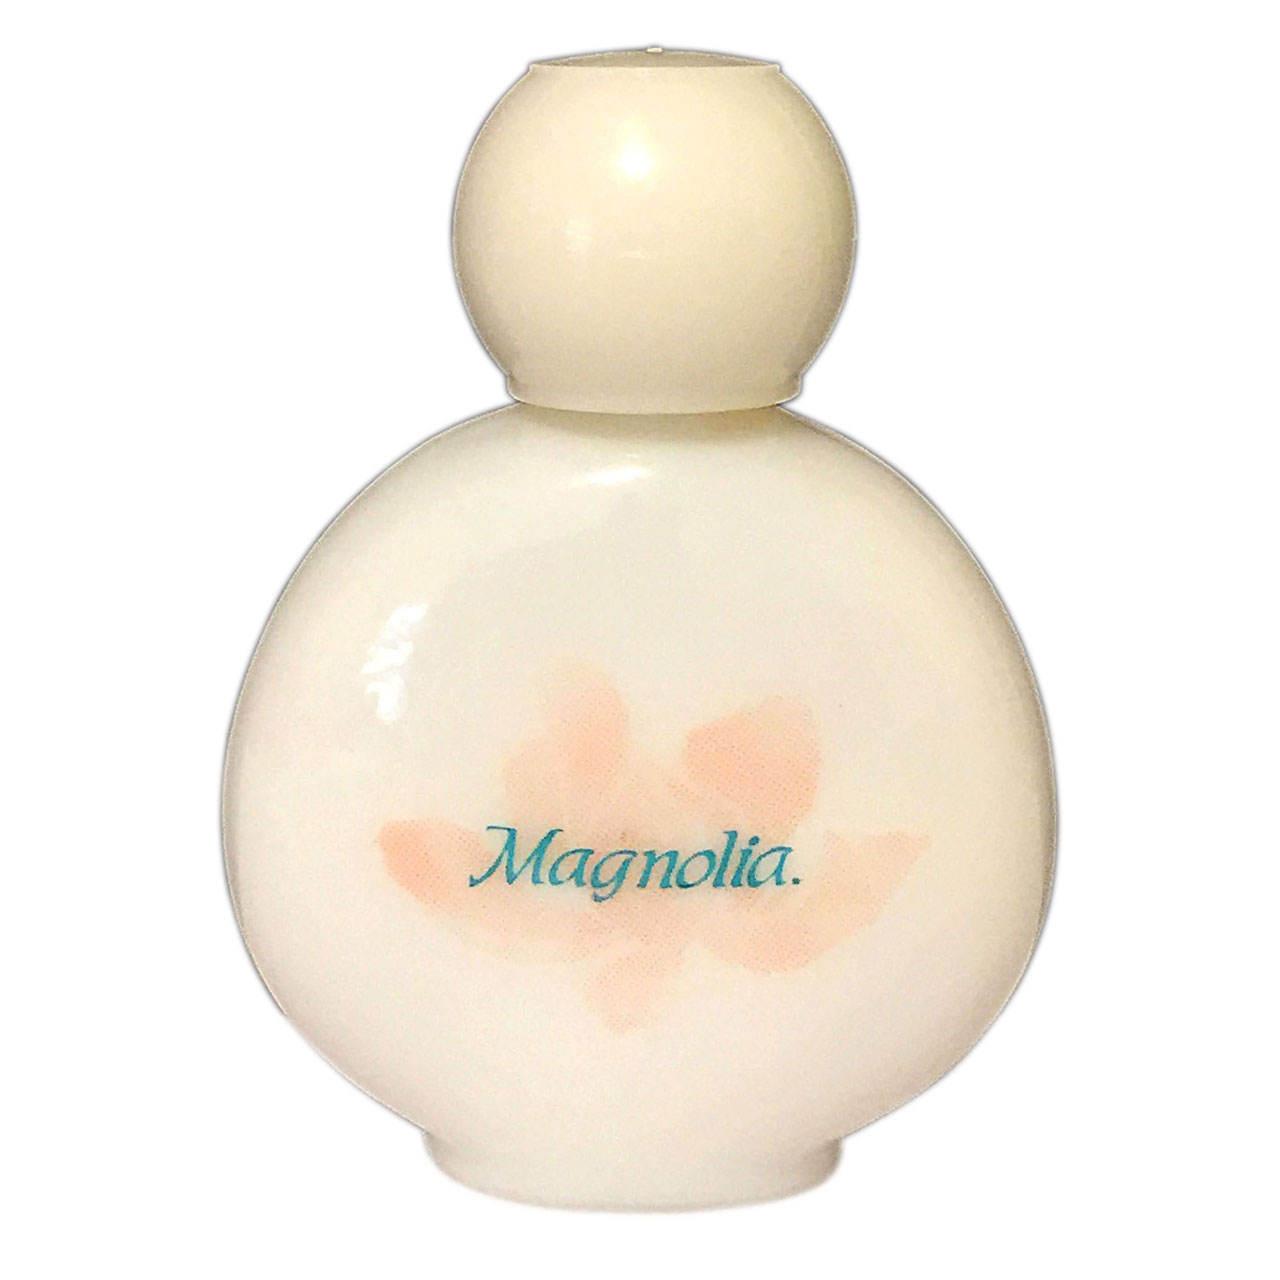 ادوتویلت زنانه مدل Magnolia حجم 60 میلی لیتر